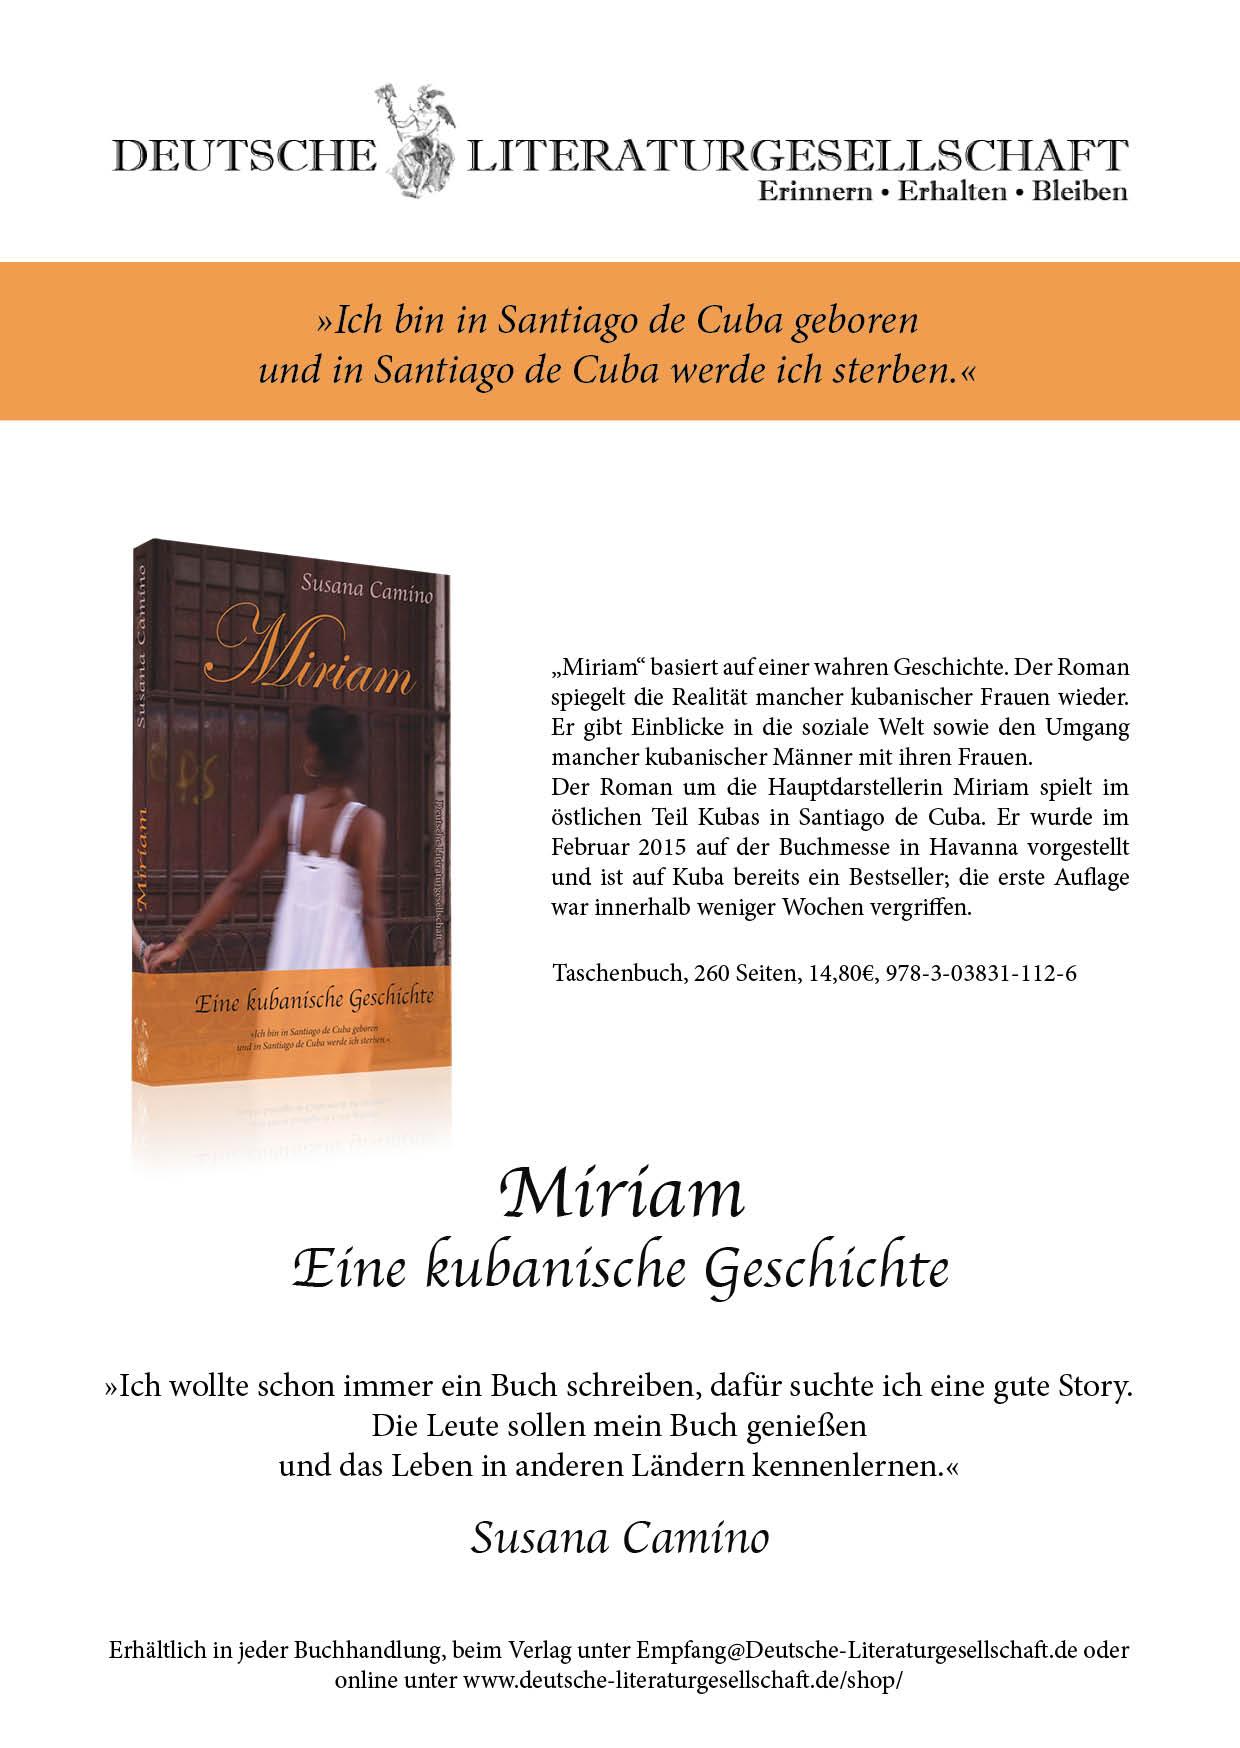 Miriam, Eine kubanische Geschichte